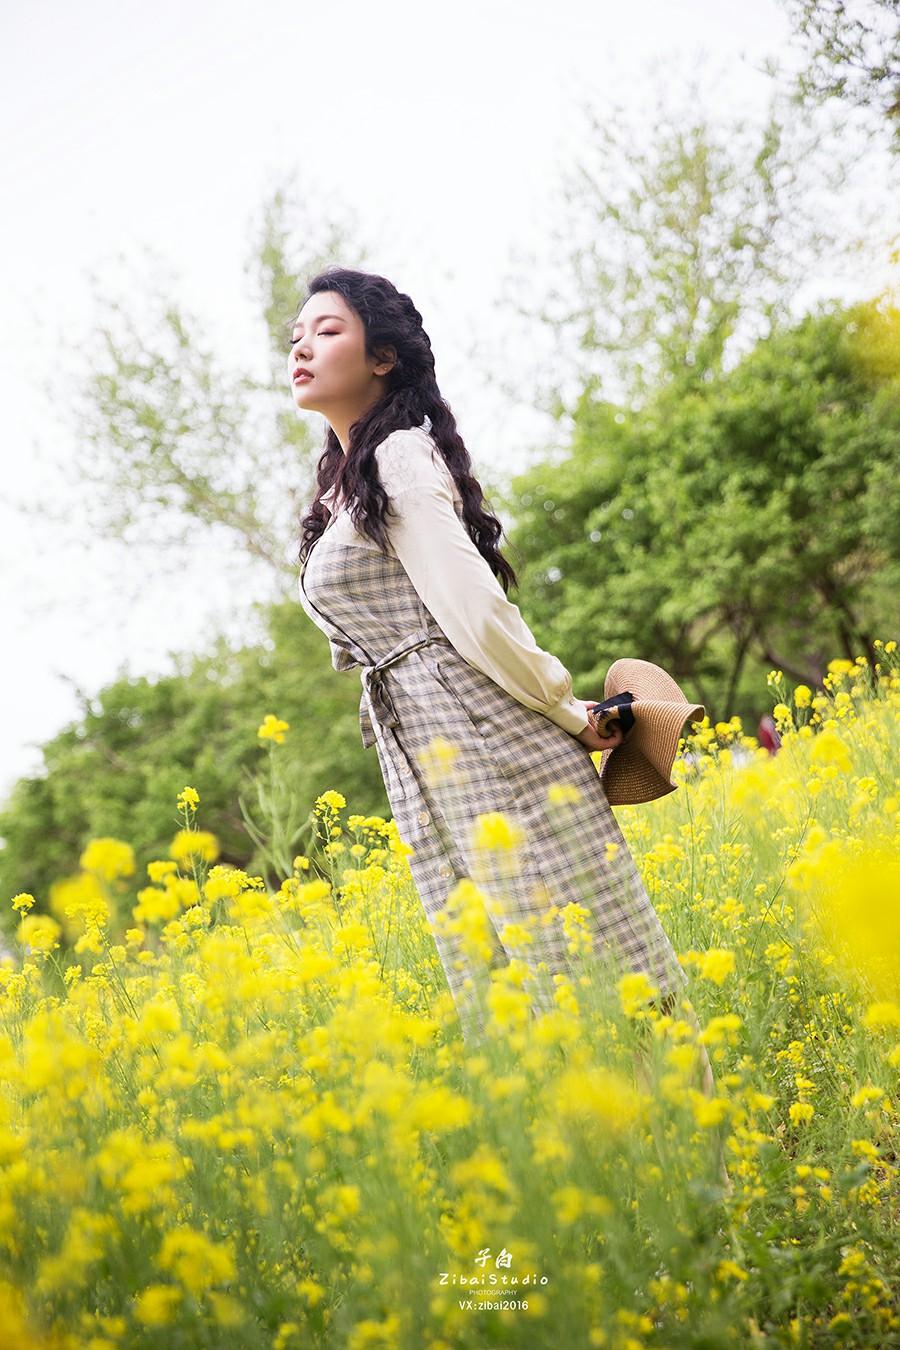 [TouTiao头条女神]2020.04.20 钟晴 油菜花的晴天[9P] 头条女神 第1张